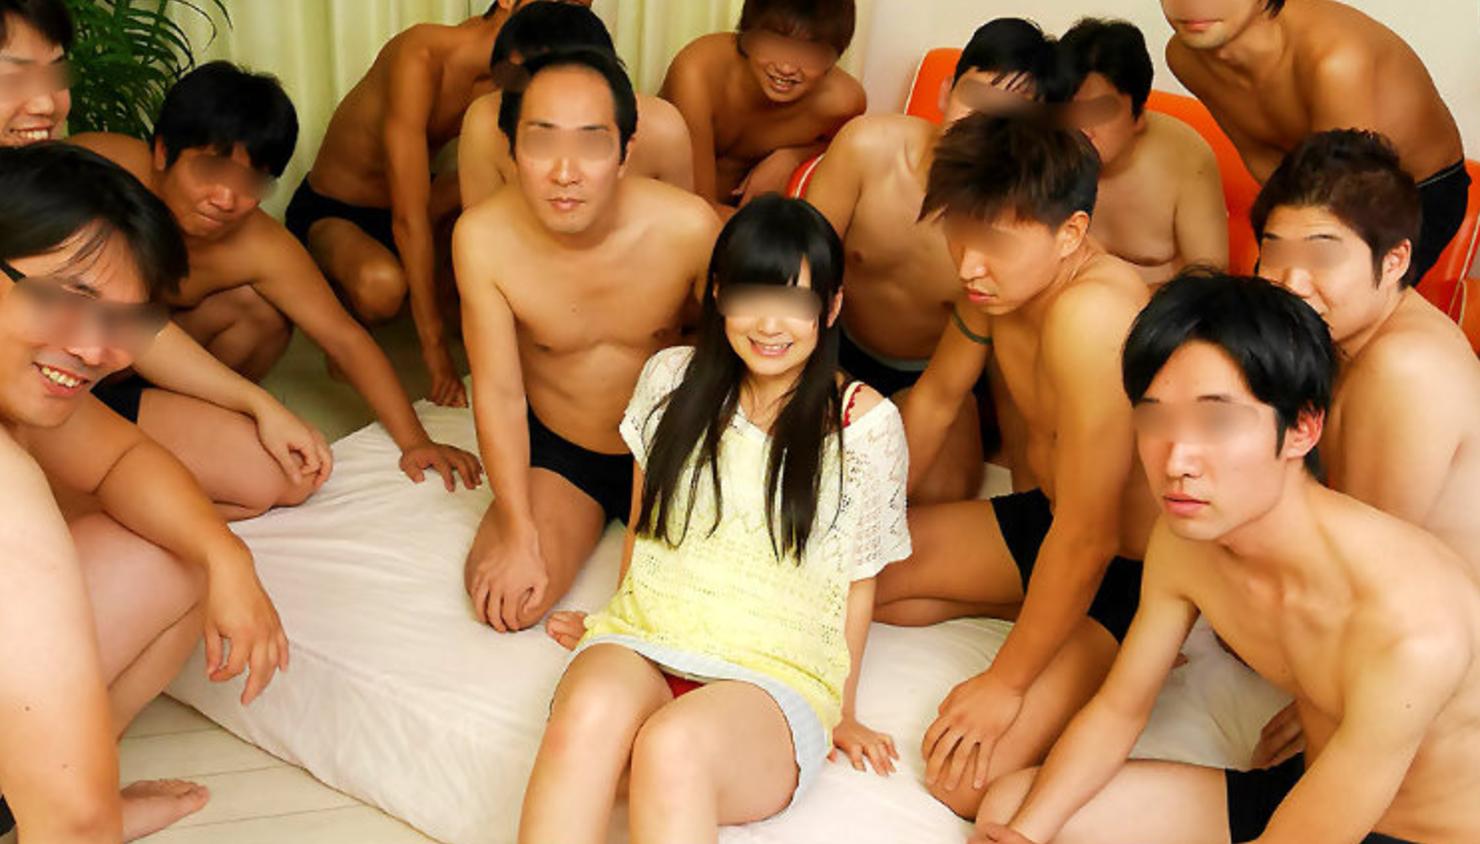 Порноактриса захлебнулась спермой на съемках » 24Warez.Ru ...